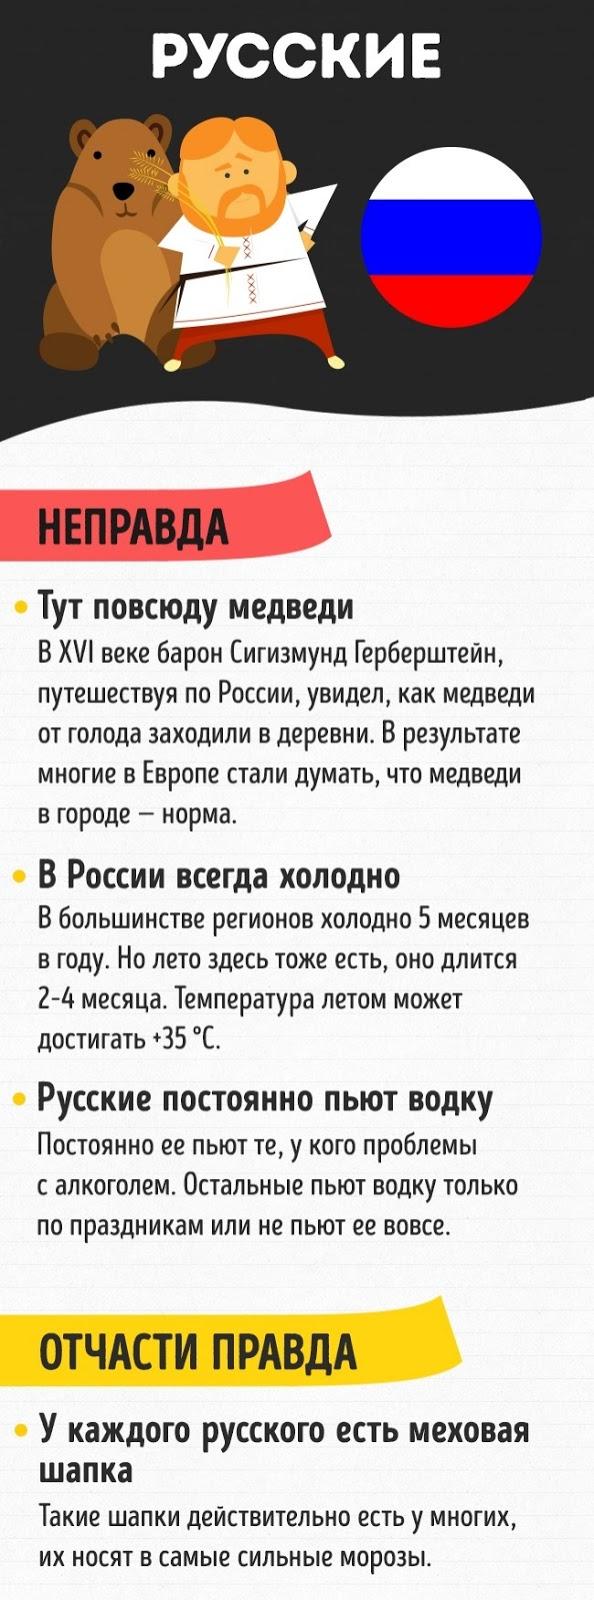 инфографика стереотипы о русских